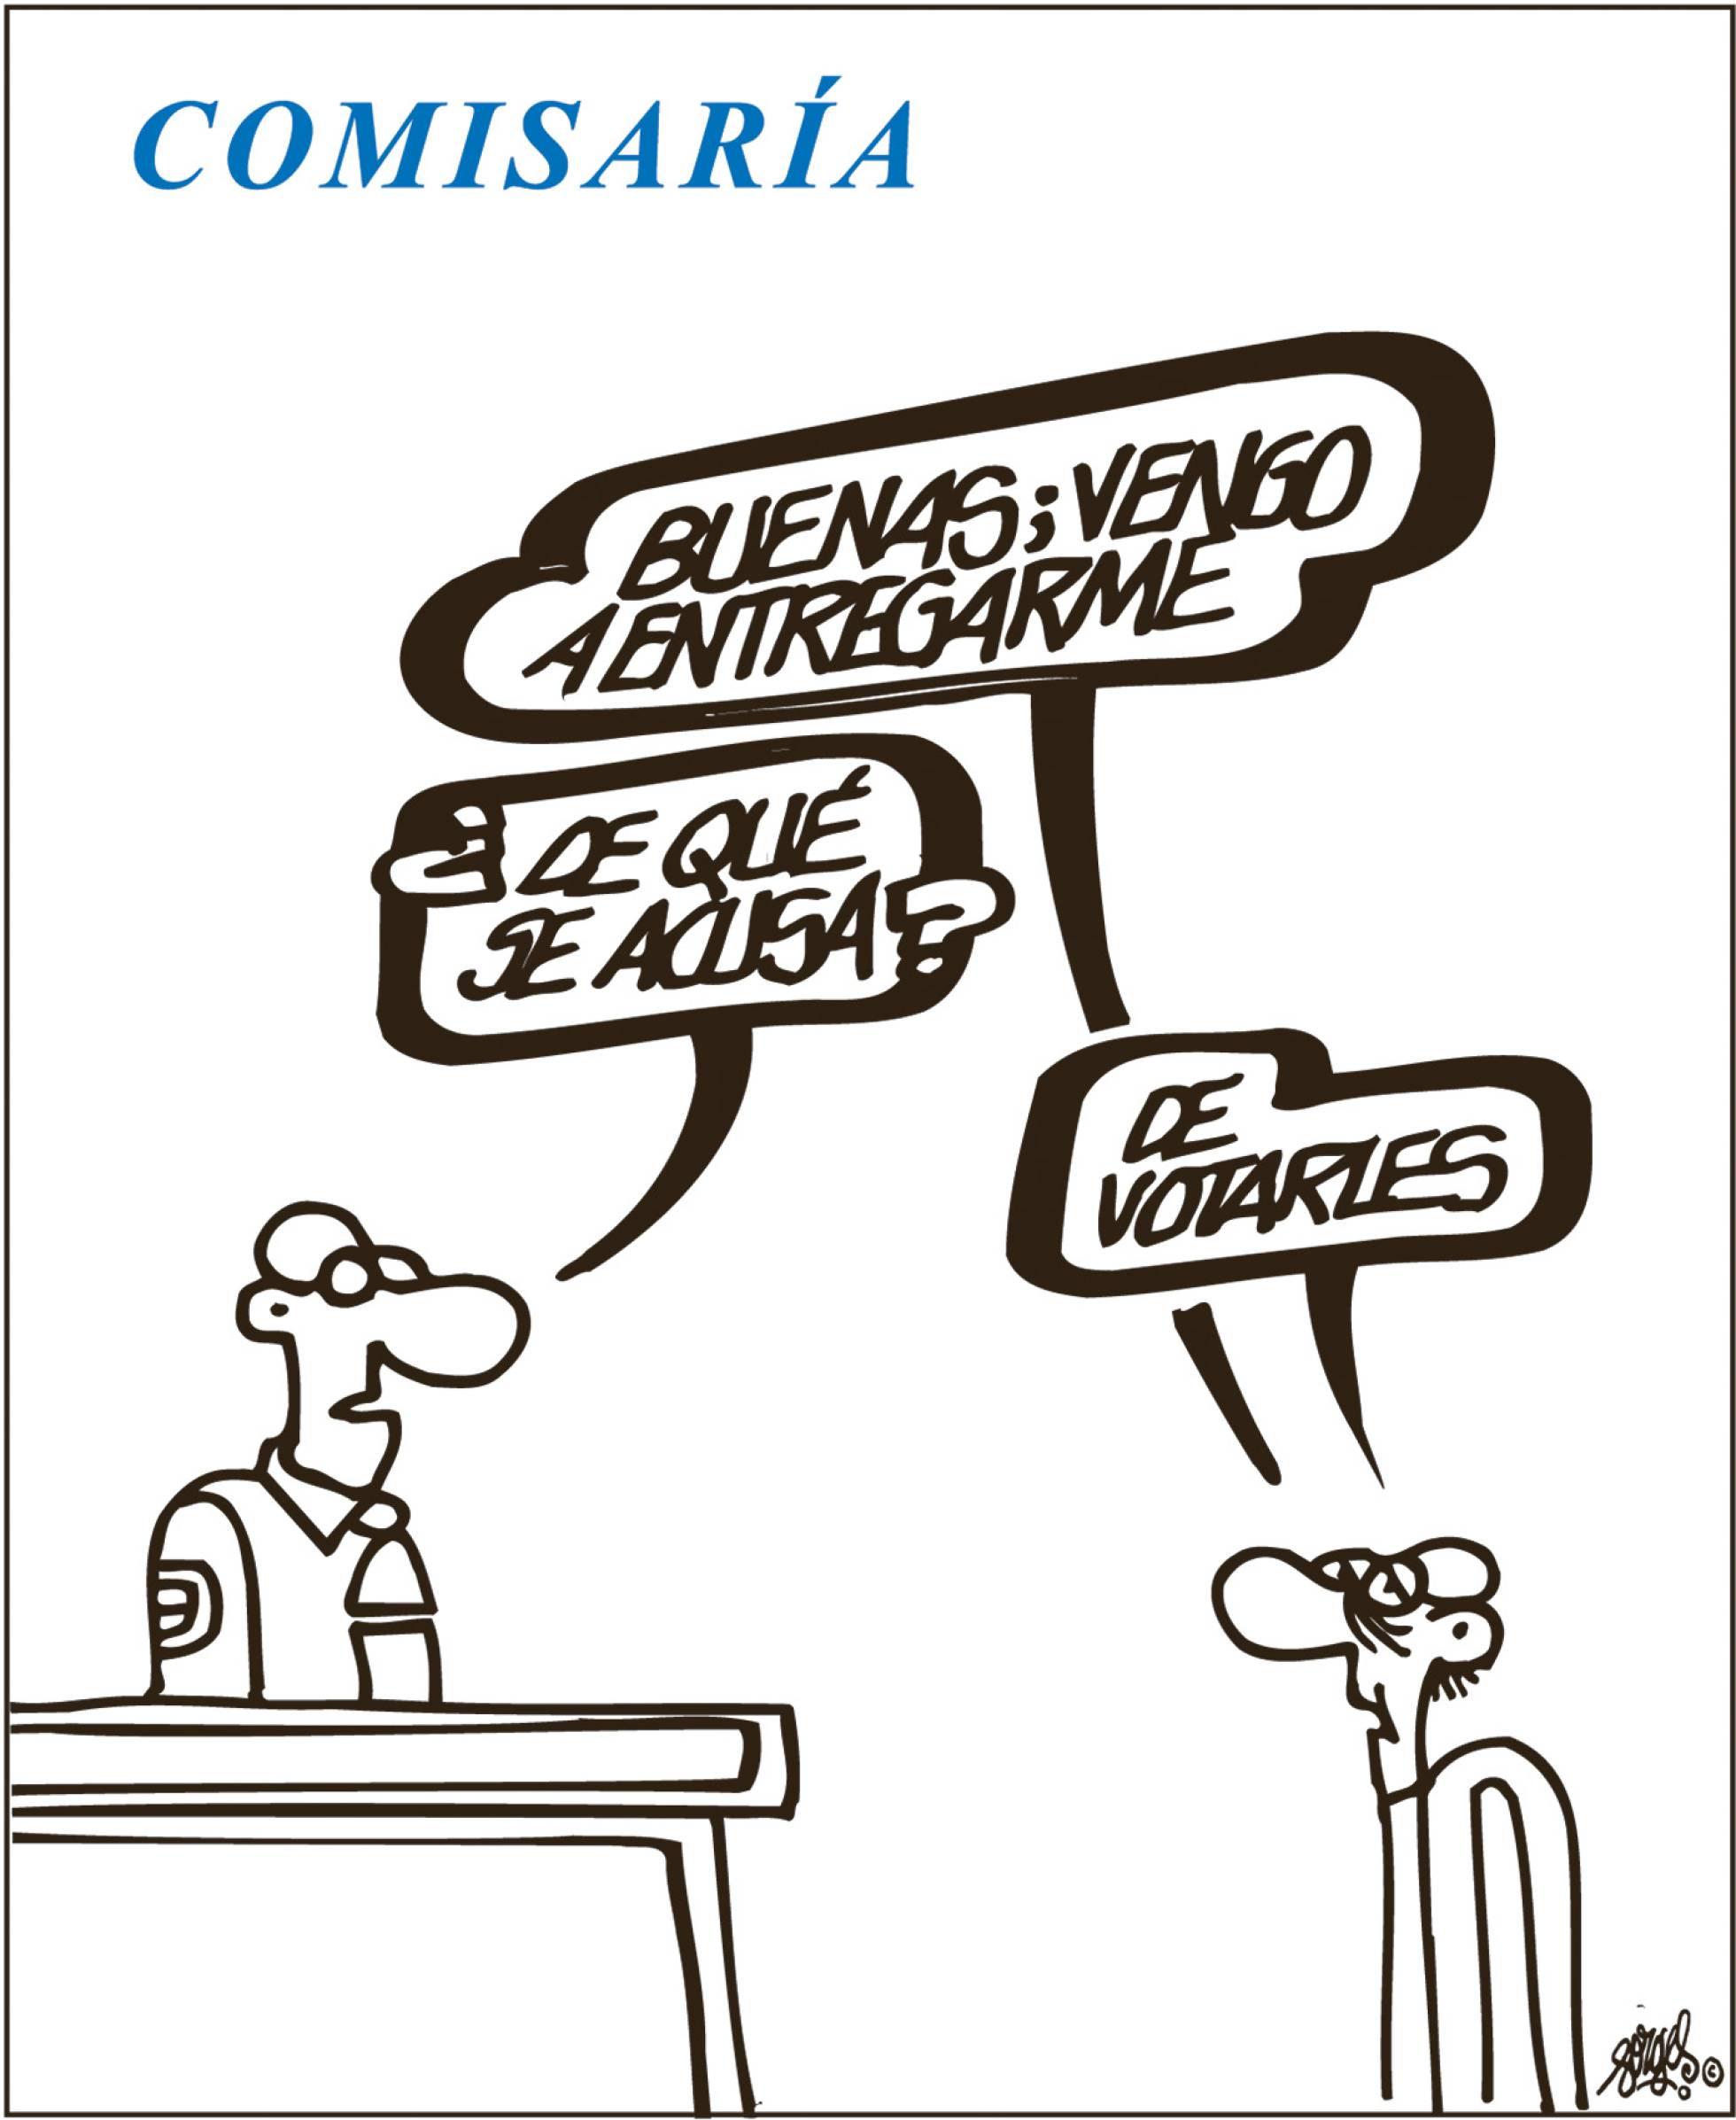 Tramabús - Página 2 1493220053_858703_1493220124_noticia_normal_recorte1